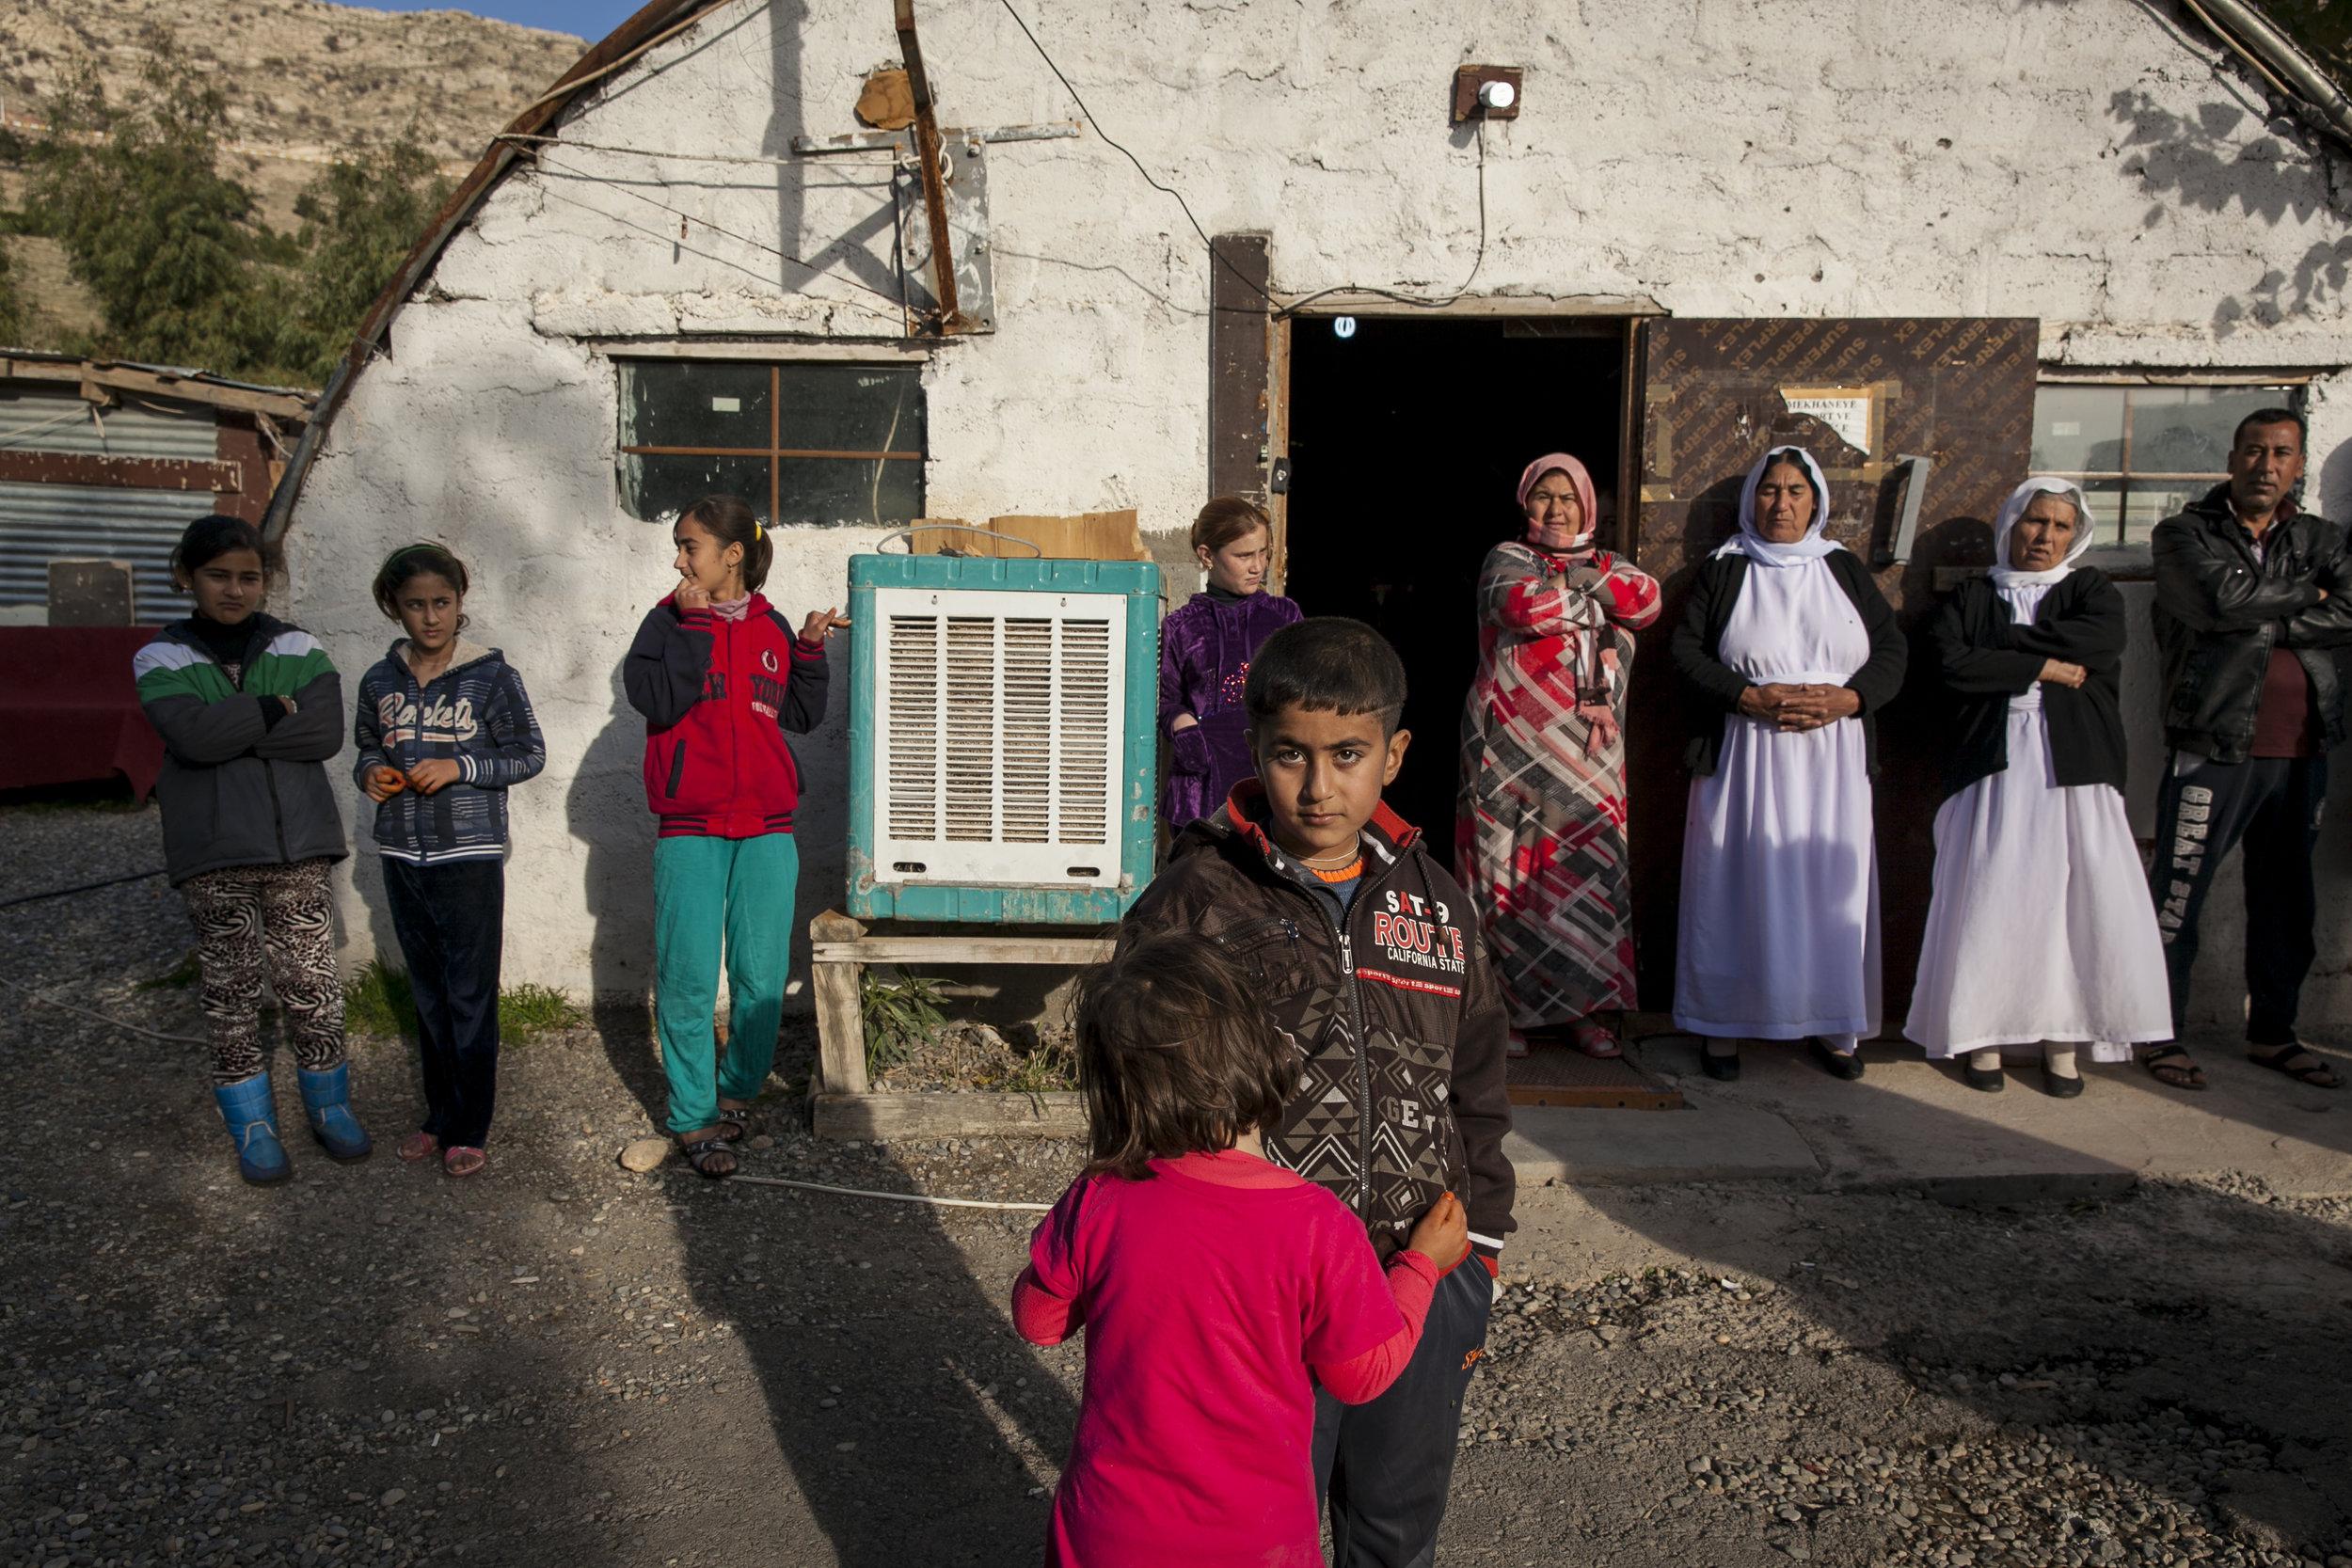 20141205_Refugee_GH_0529.jpg